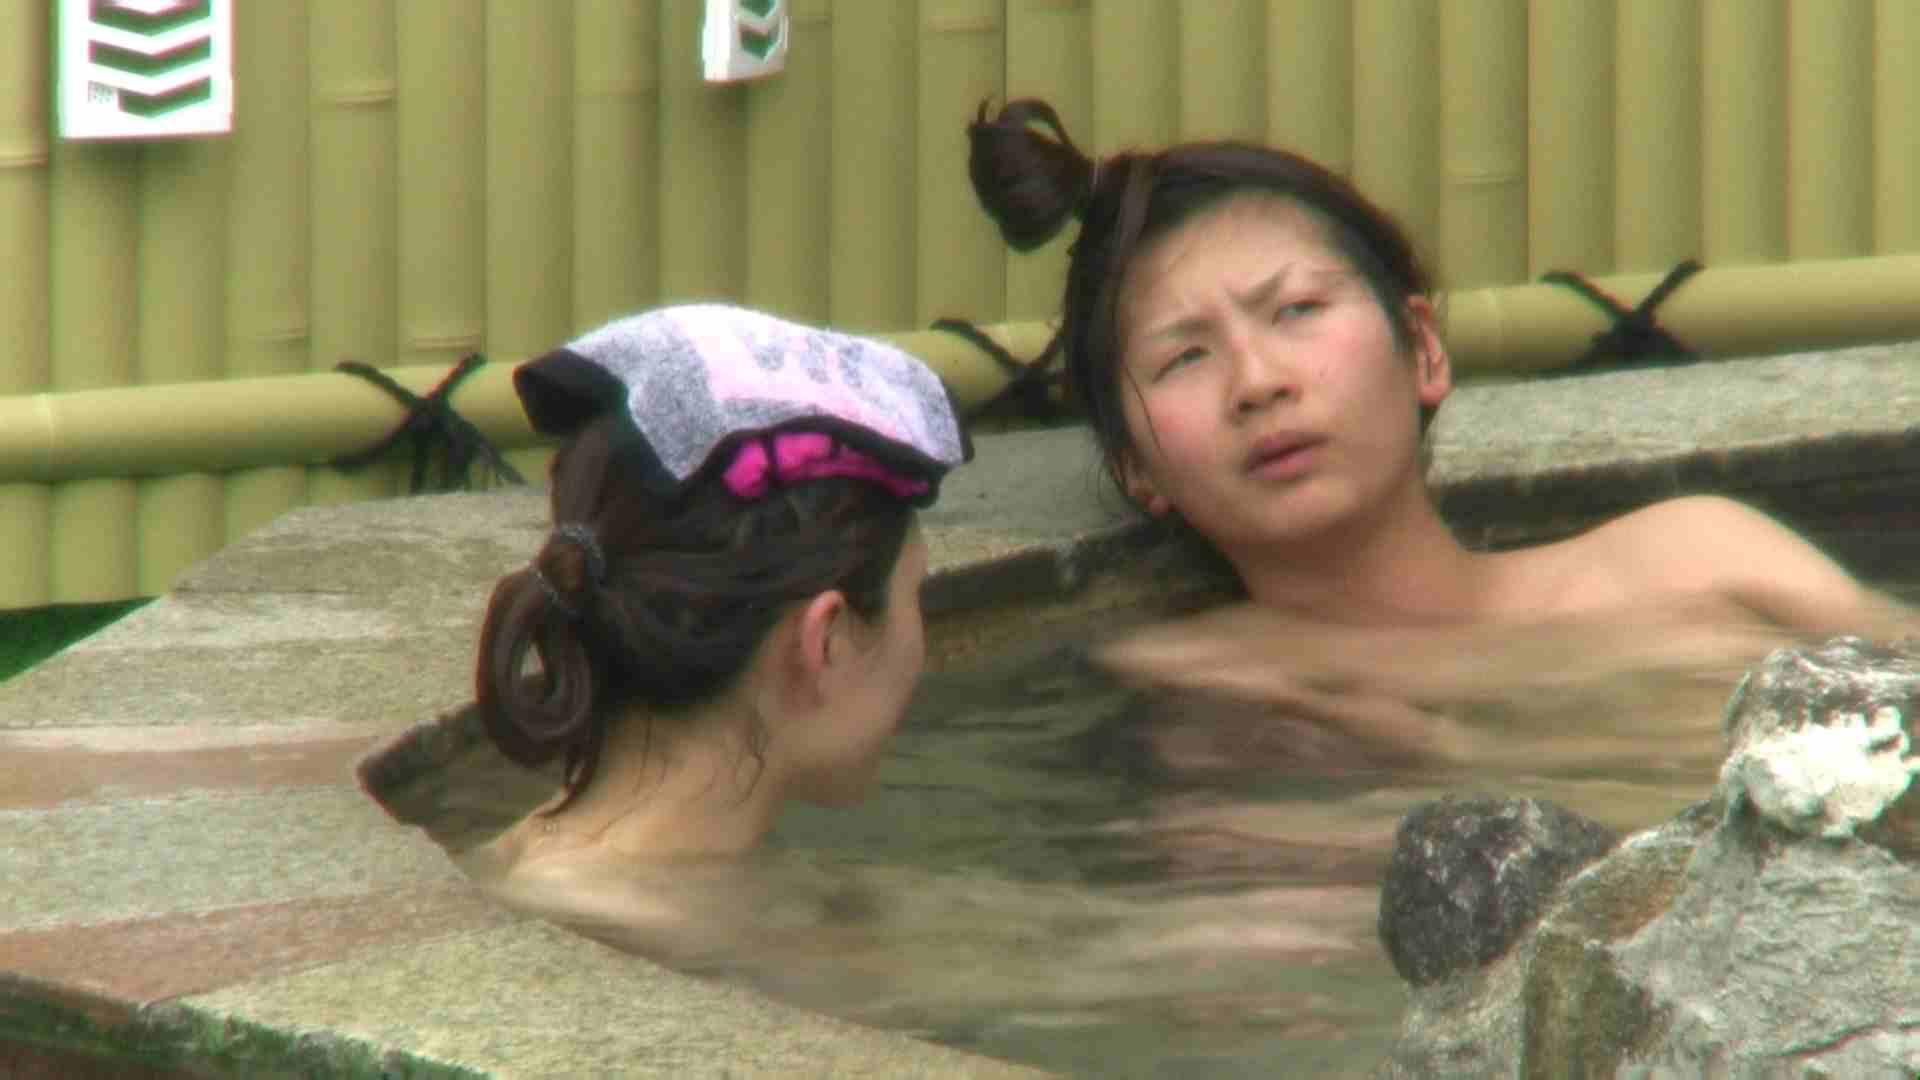 Aquaな露天風呂Vol.66【VIP限定】 美しいOLの裸体 エロ画像 83pic 53